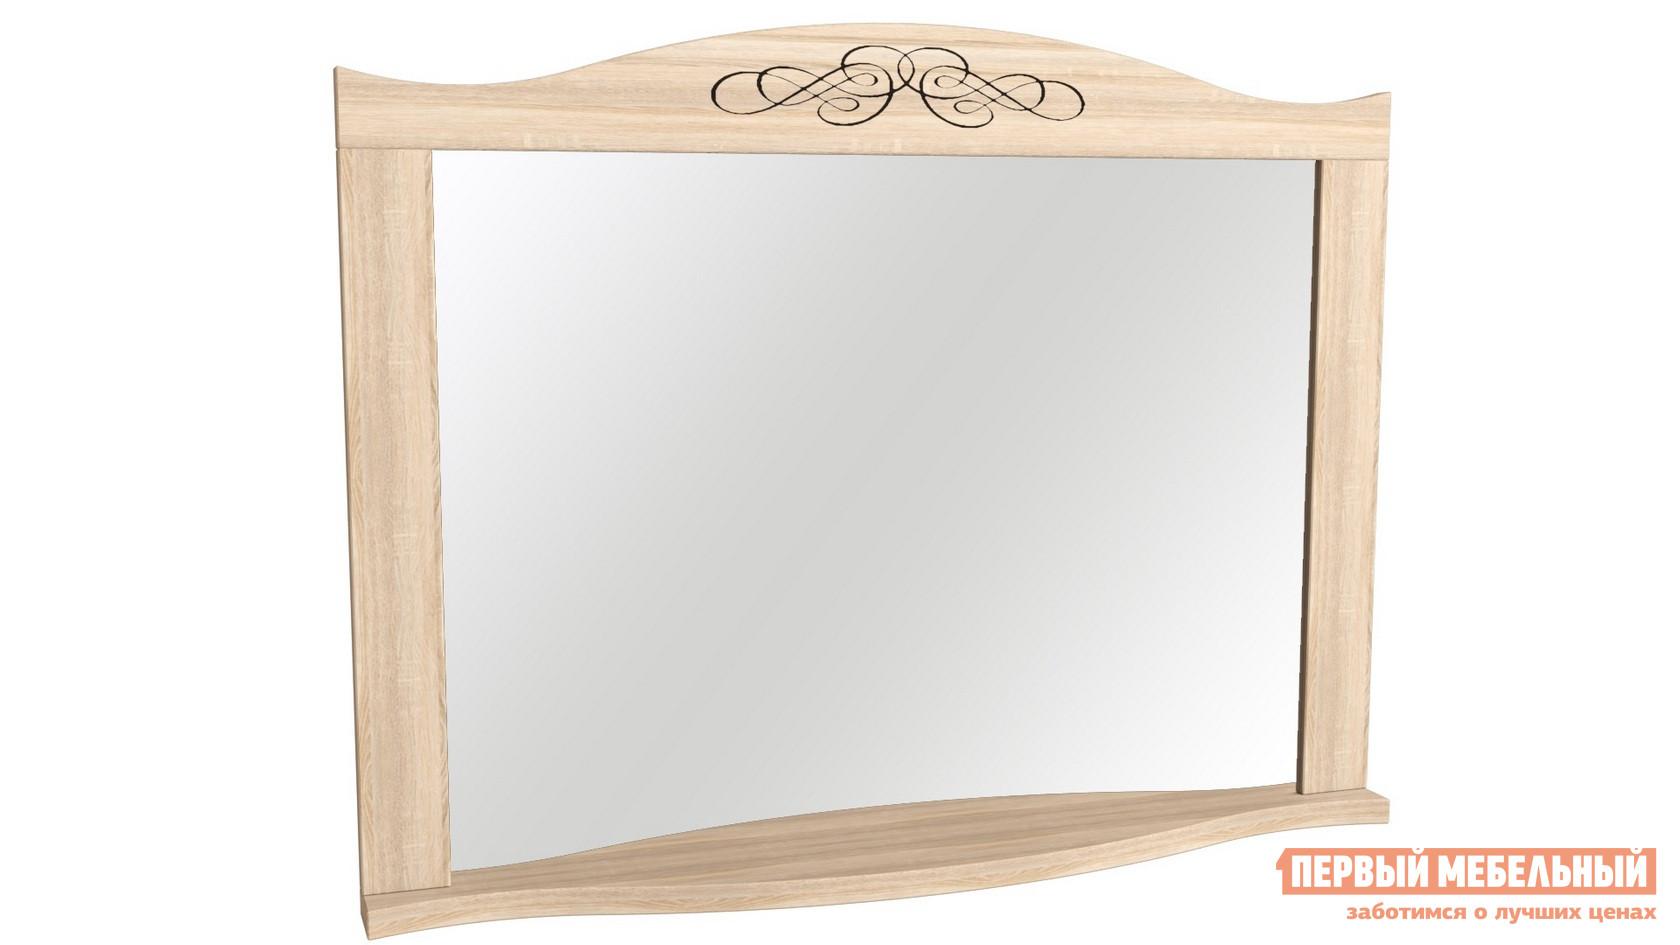 Настенное зеркало ТД Арника ADELE11 Зеркало настенное зеркало интерьерное дом корлеоне зеркало настенное зебра 50 х 65 см